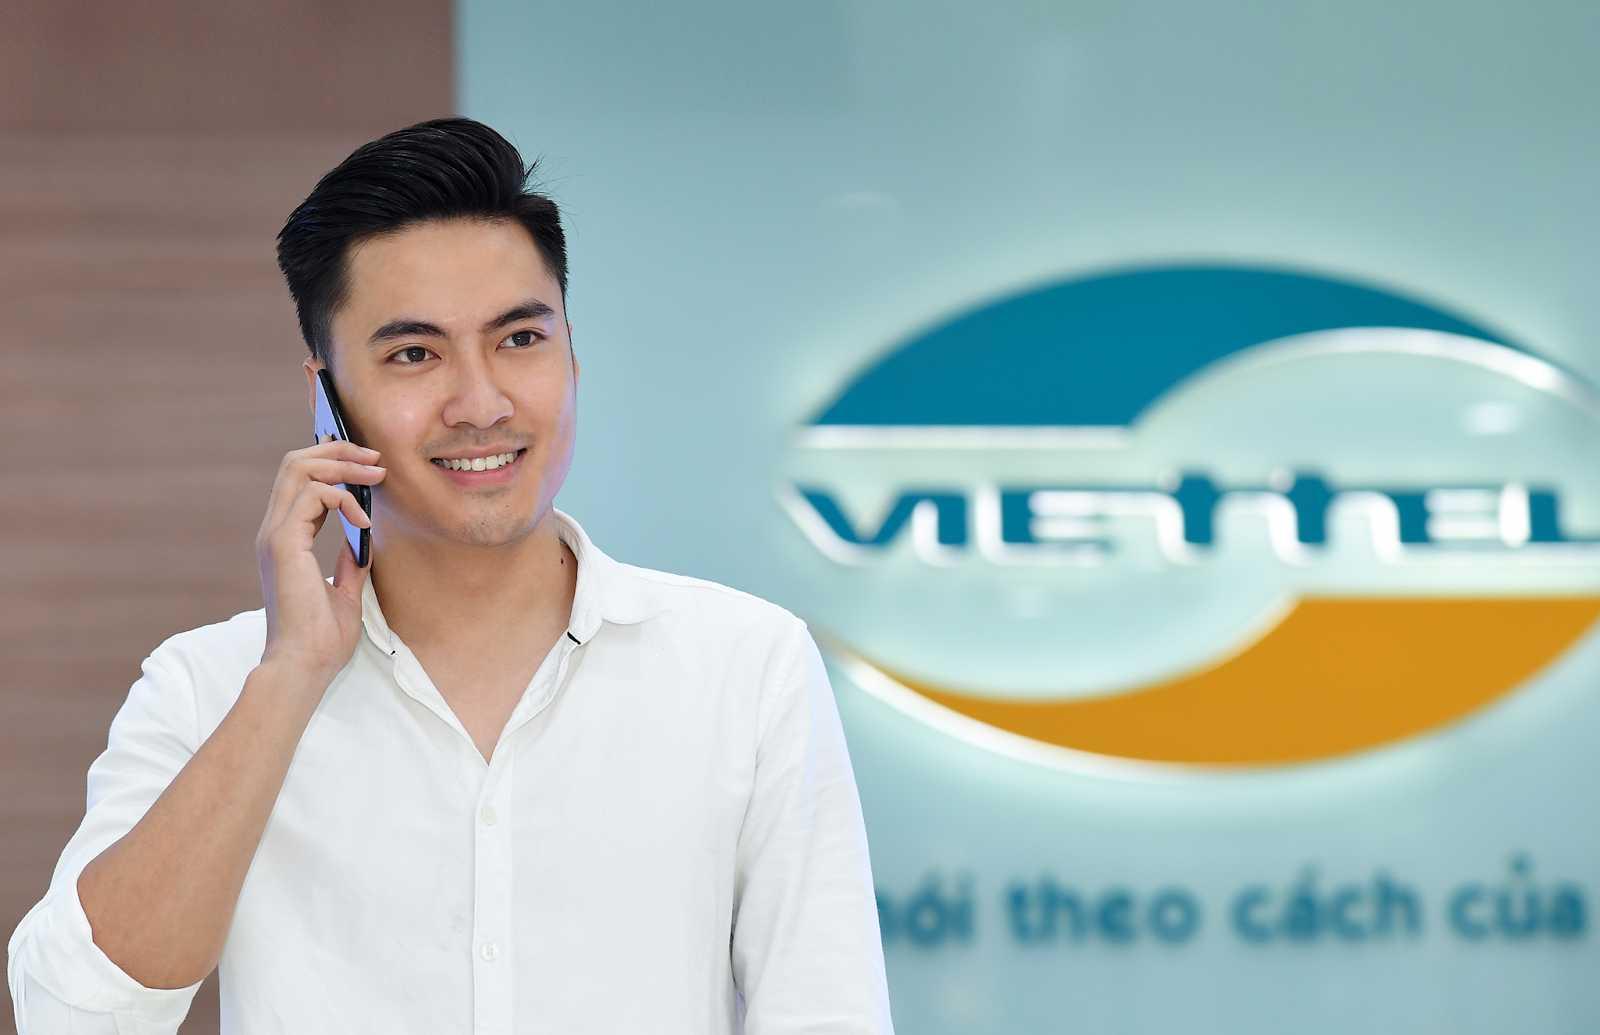 Viettel là nhà mạng độc quyền sở hữu đầu số 0327